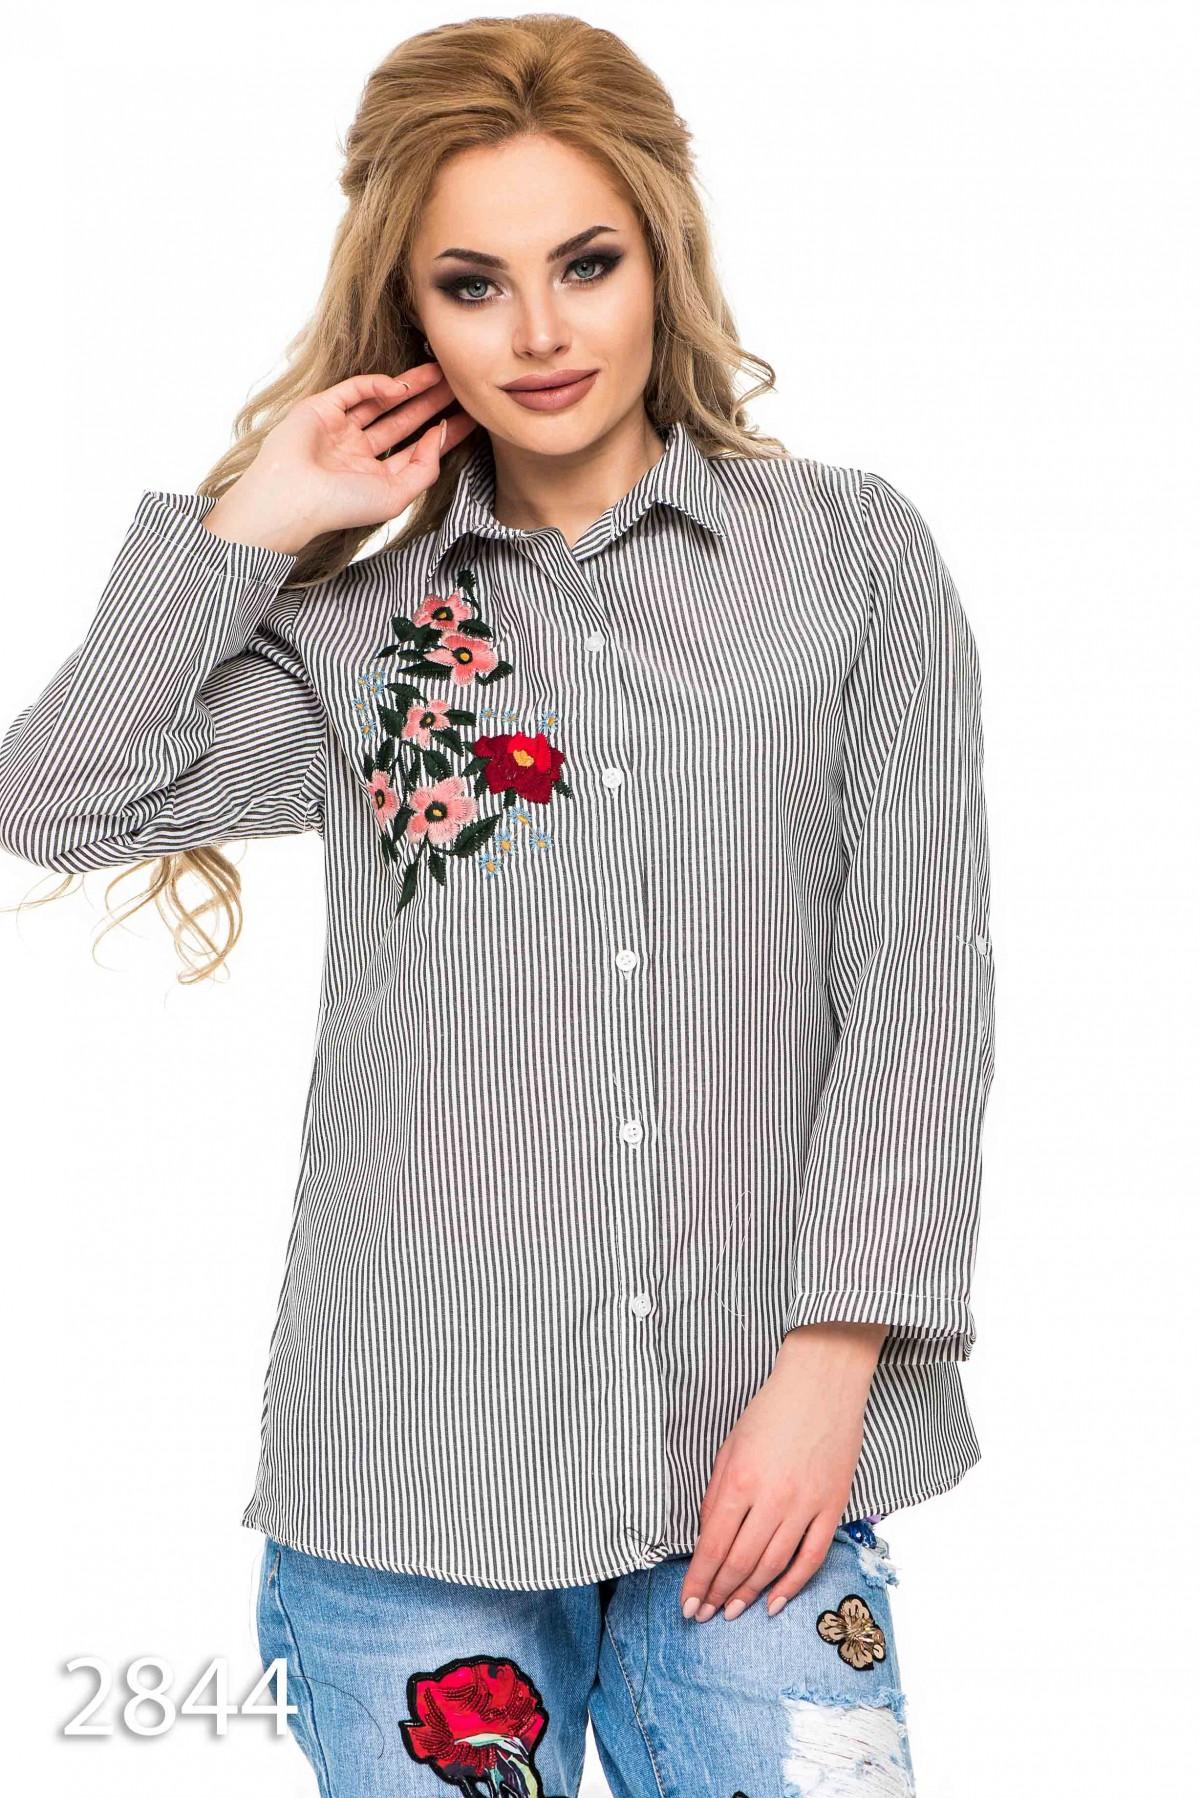 6c1a4366c43 Женская свободная рубашка в черную и белую полоску с вышивкой  243 грн.  фото 2 ...